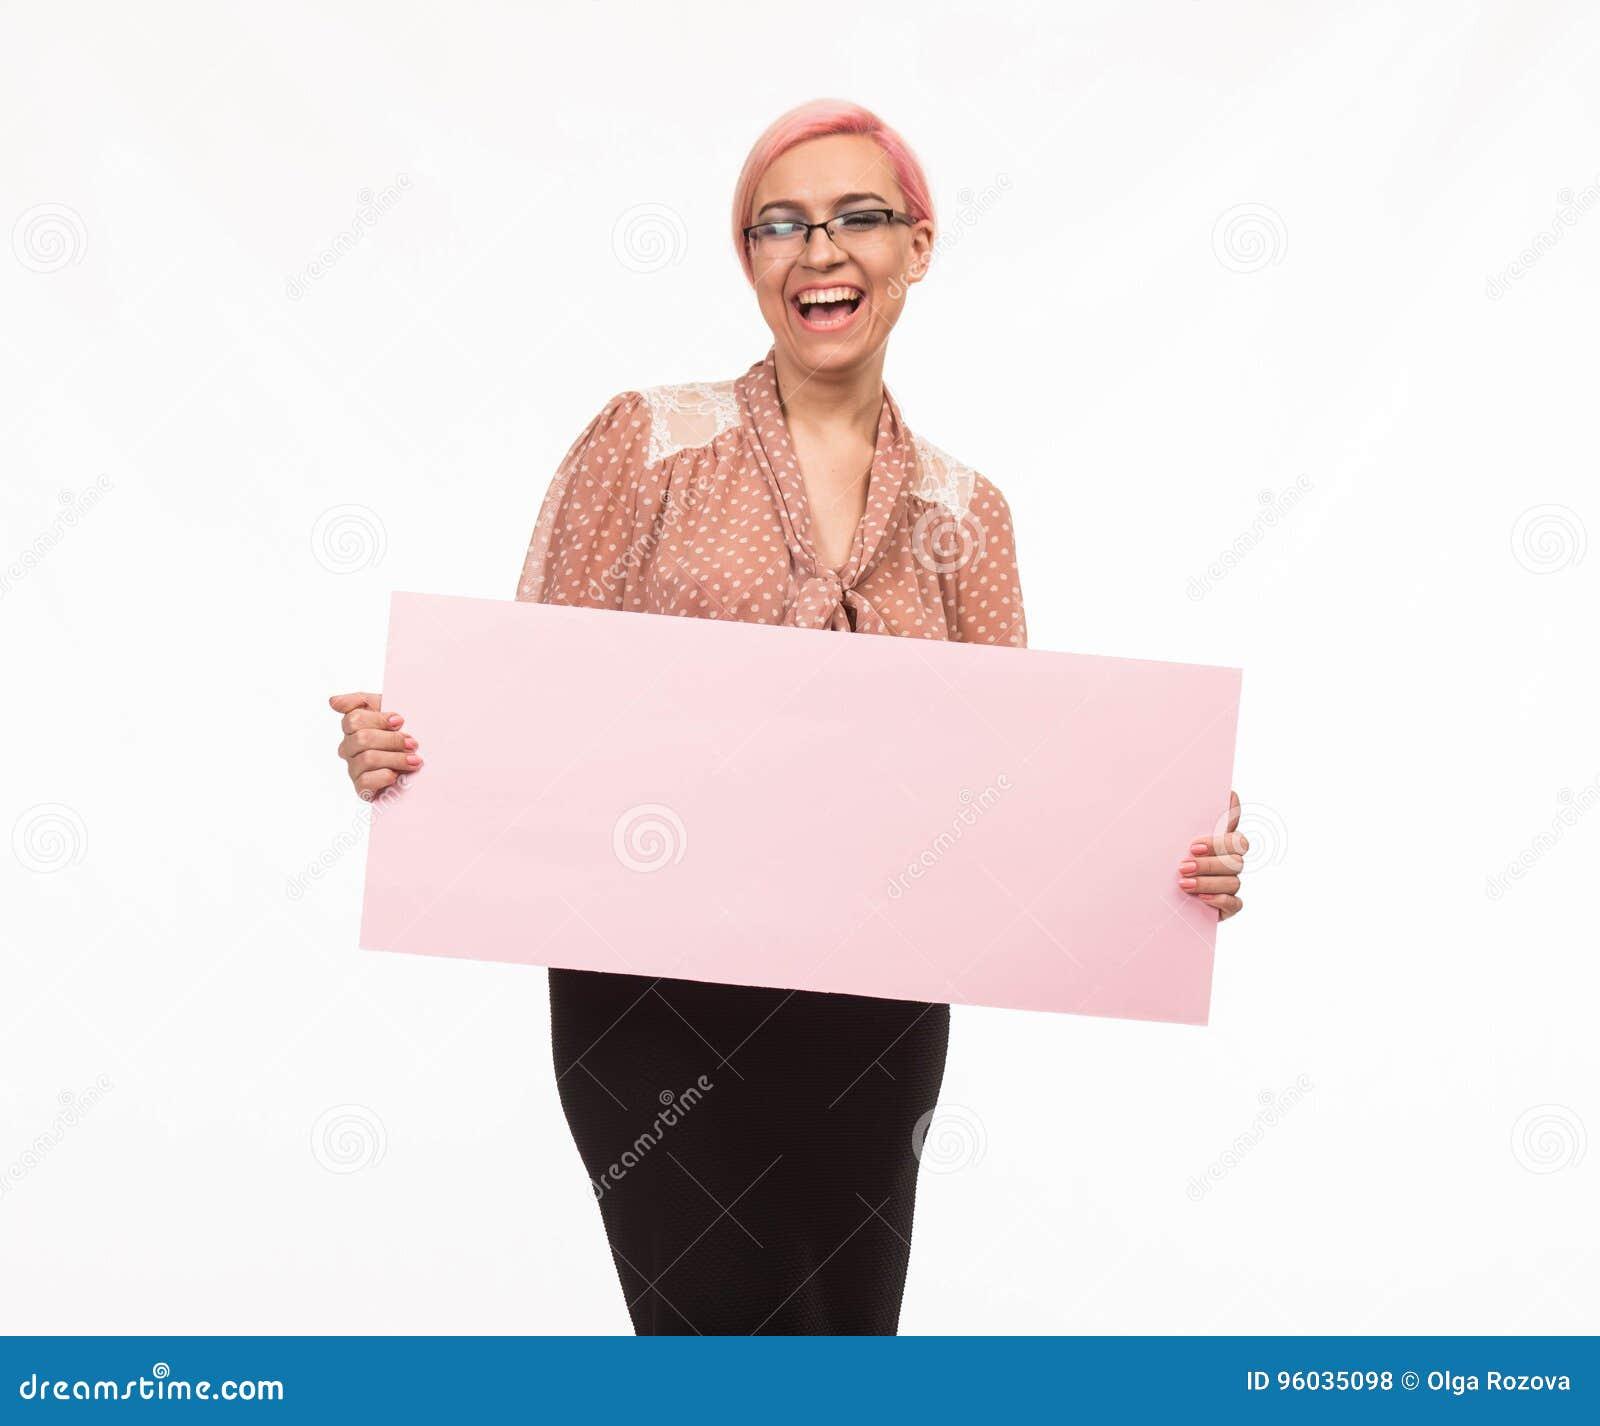 Młoda szczęśliwa kobieta pokazuje prezentację, wskazuje na plakacie